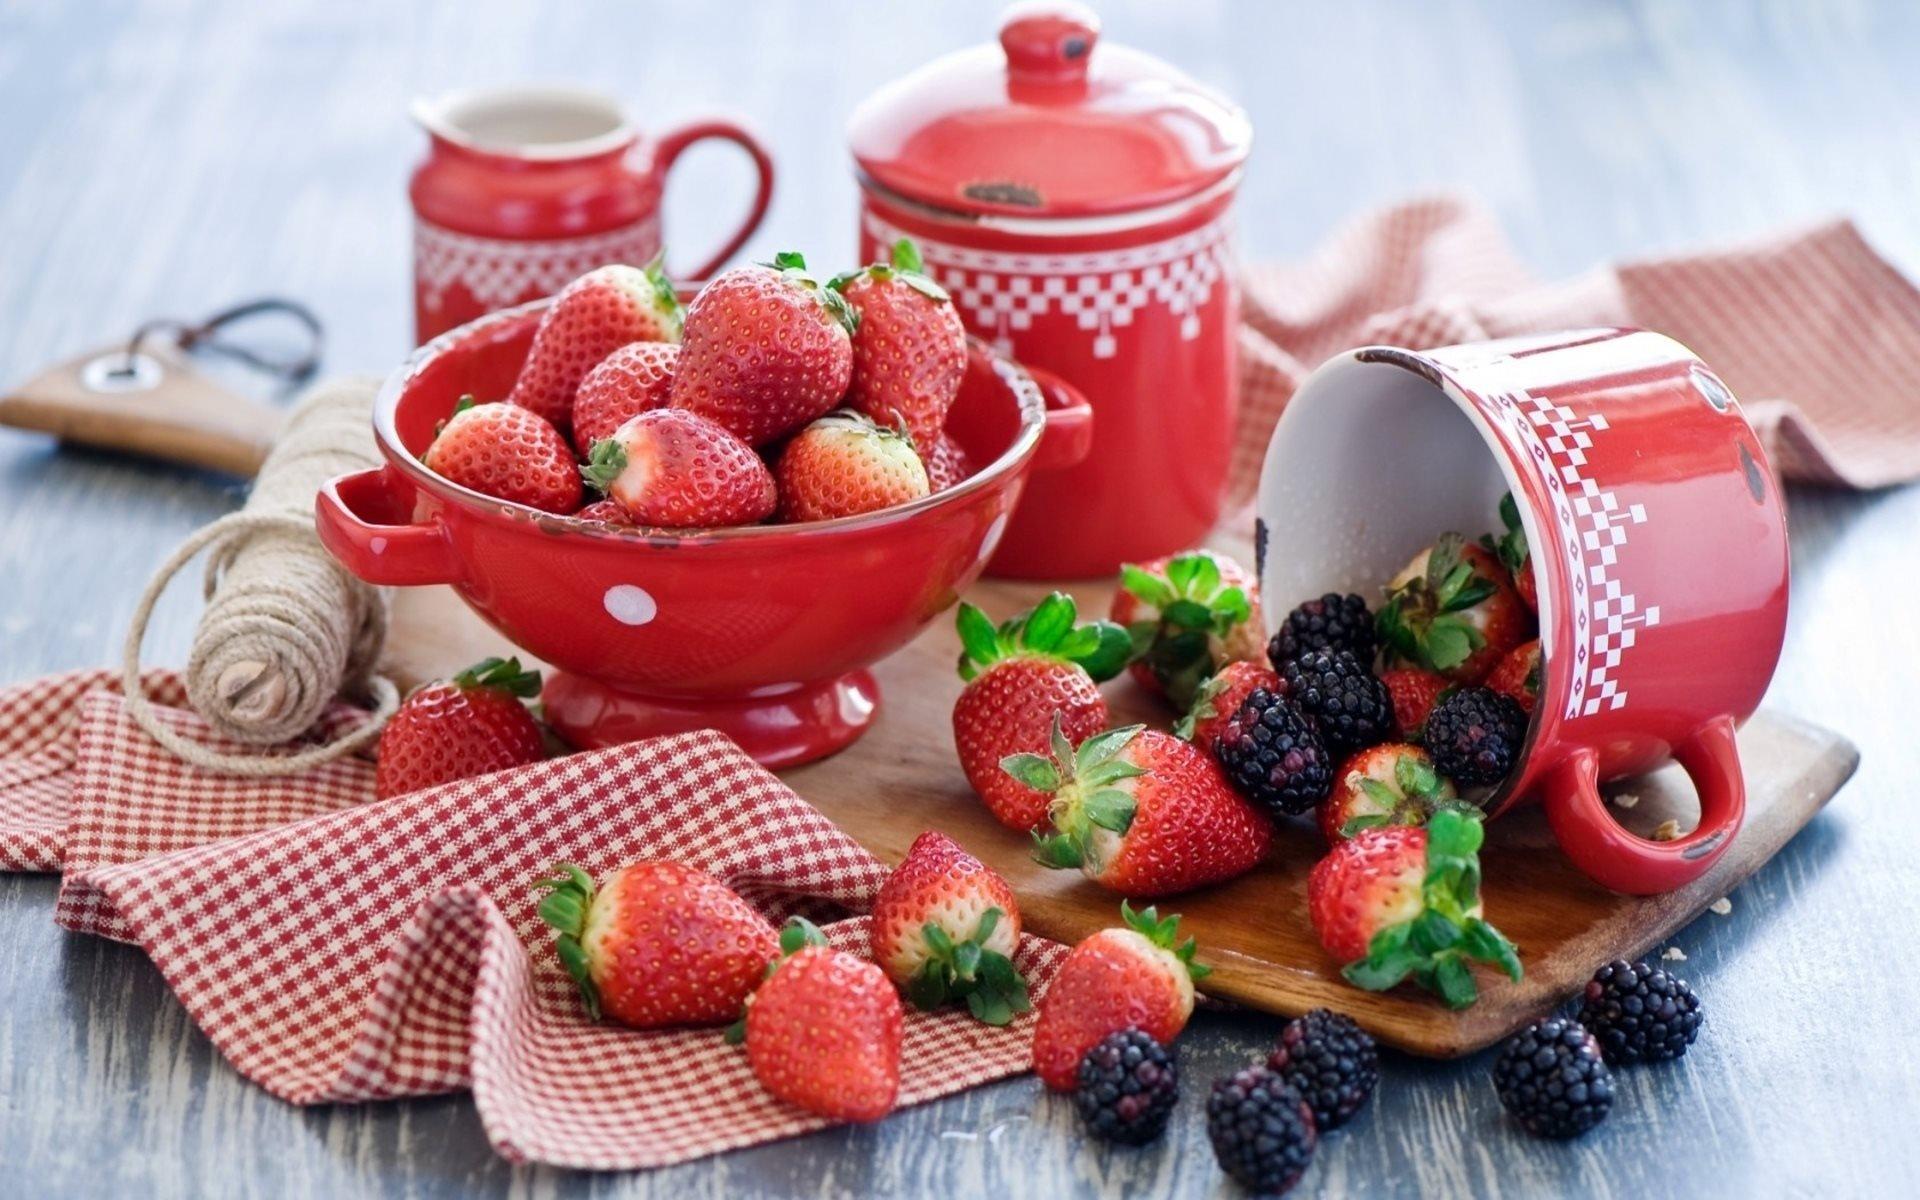 присущи доброе утро открытки ягоды приятному естественному оттенку